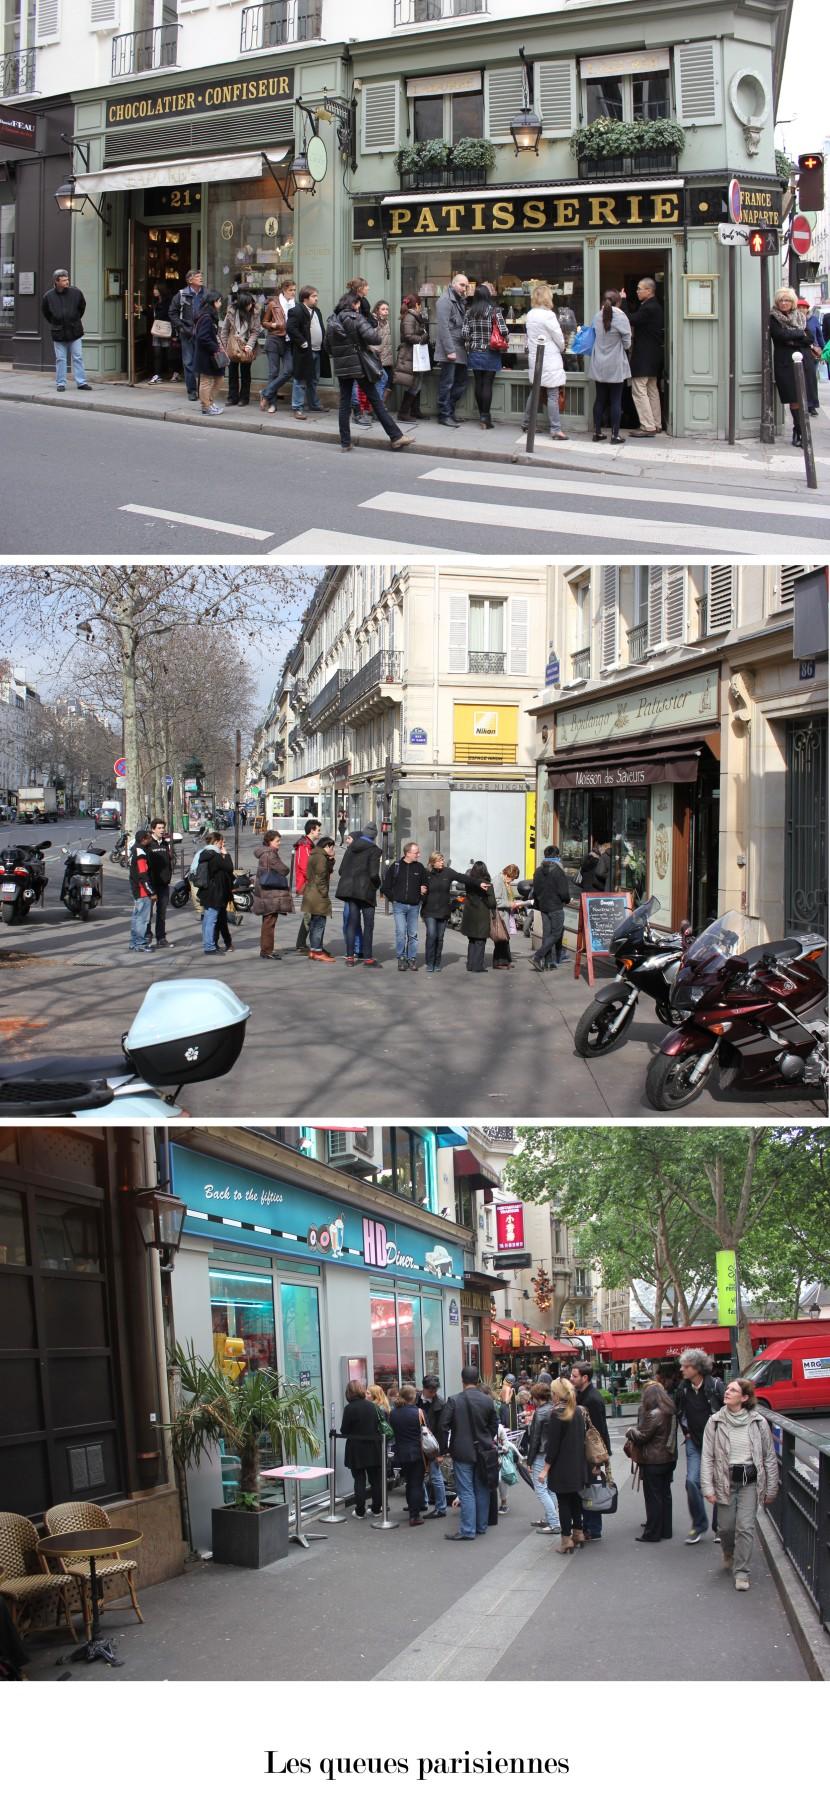 Les queues parisiennes